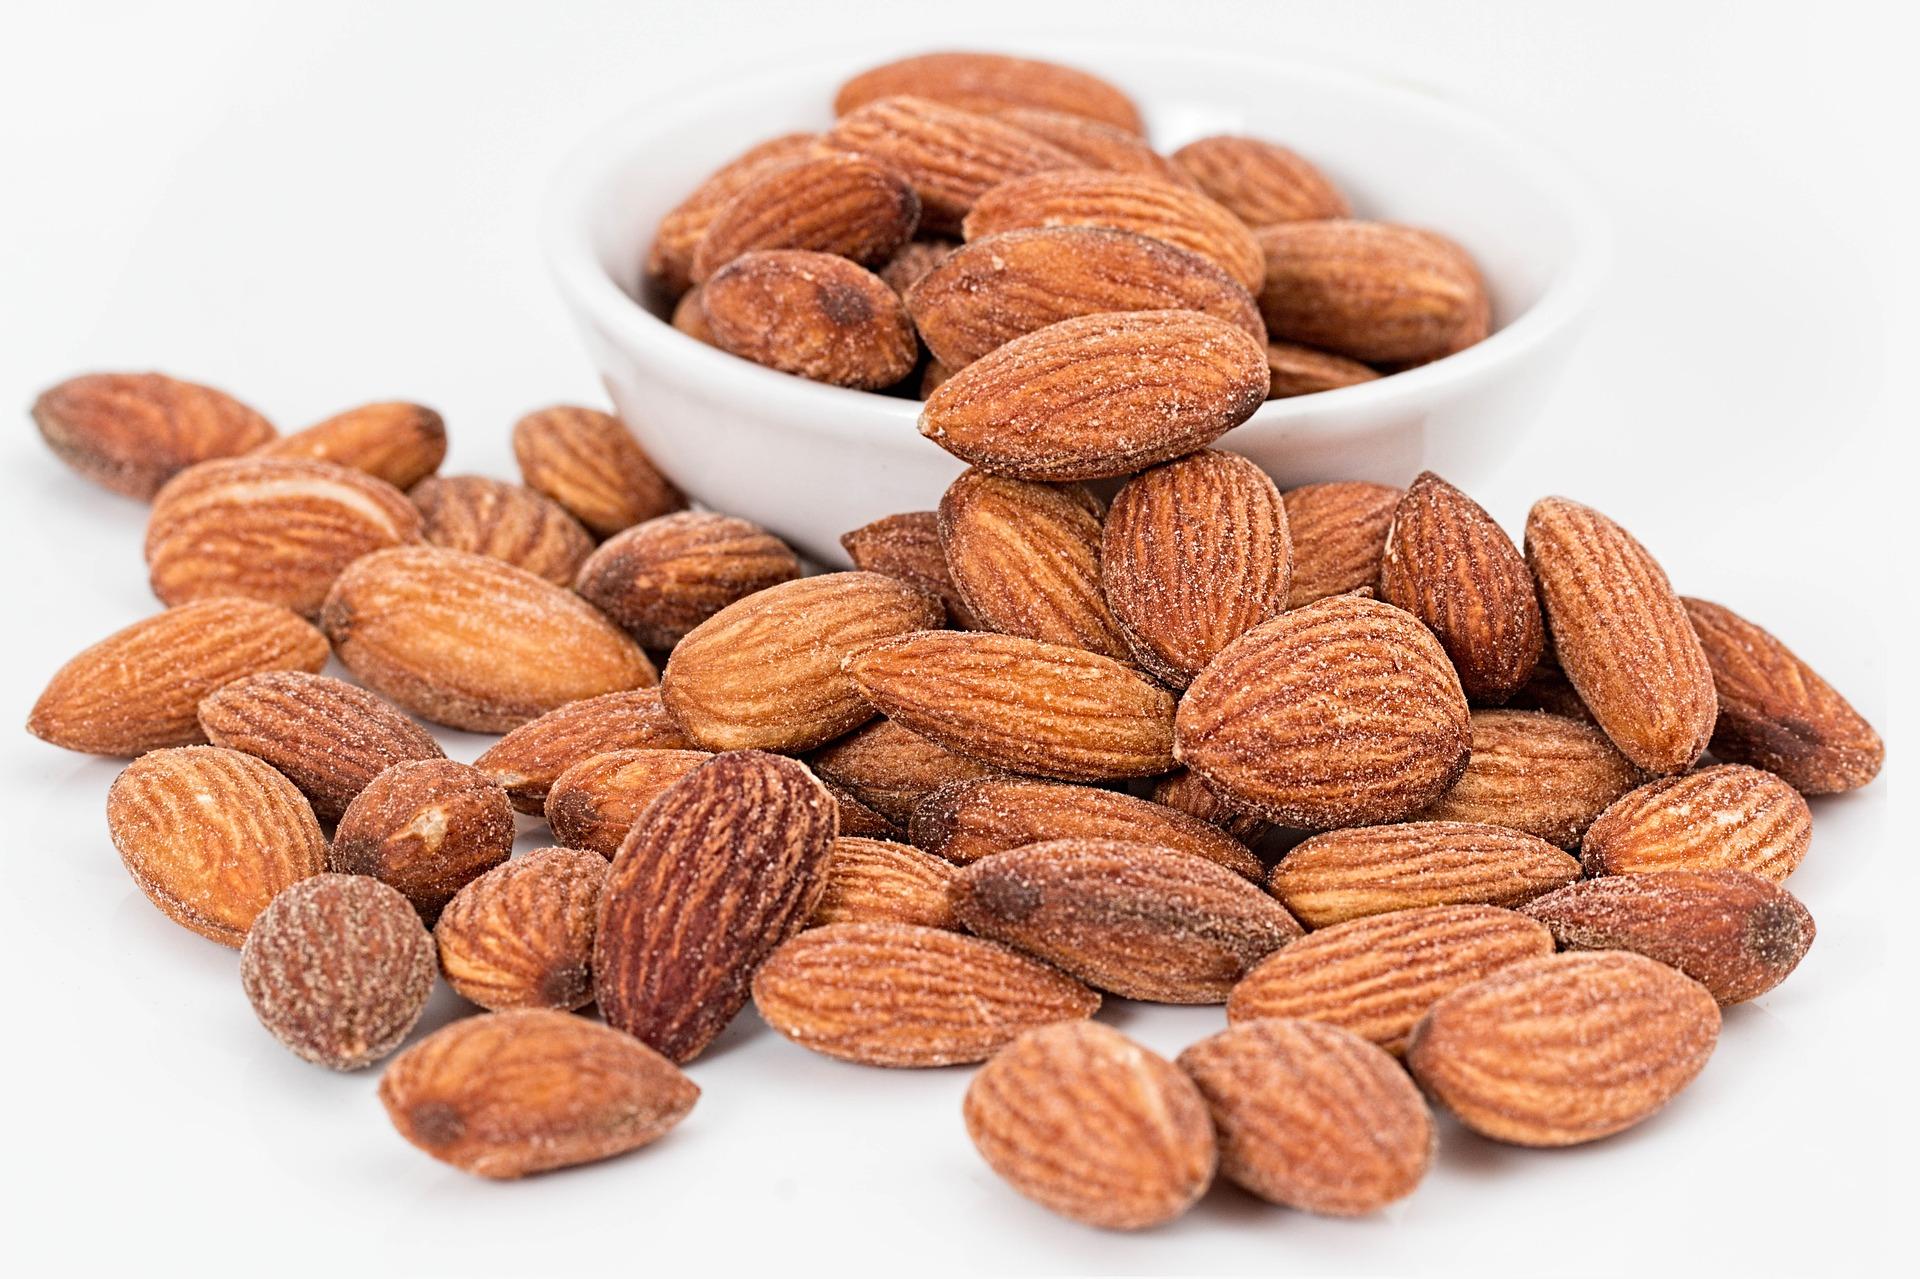 食べ過ぎ注意!アーモンド1粒のカロリーと栄養価は?ダイエット効果なら素焼きアーモンドを!一日の摂取量にも注意